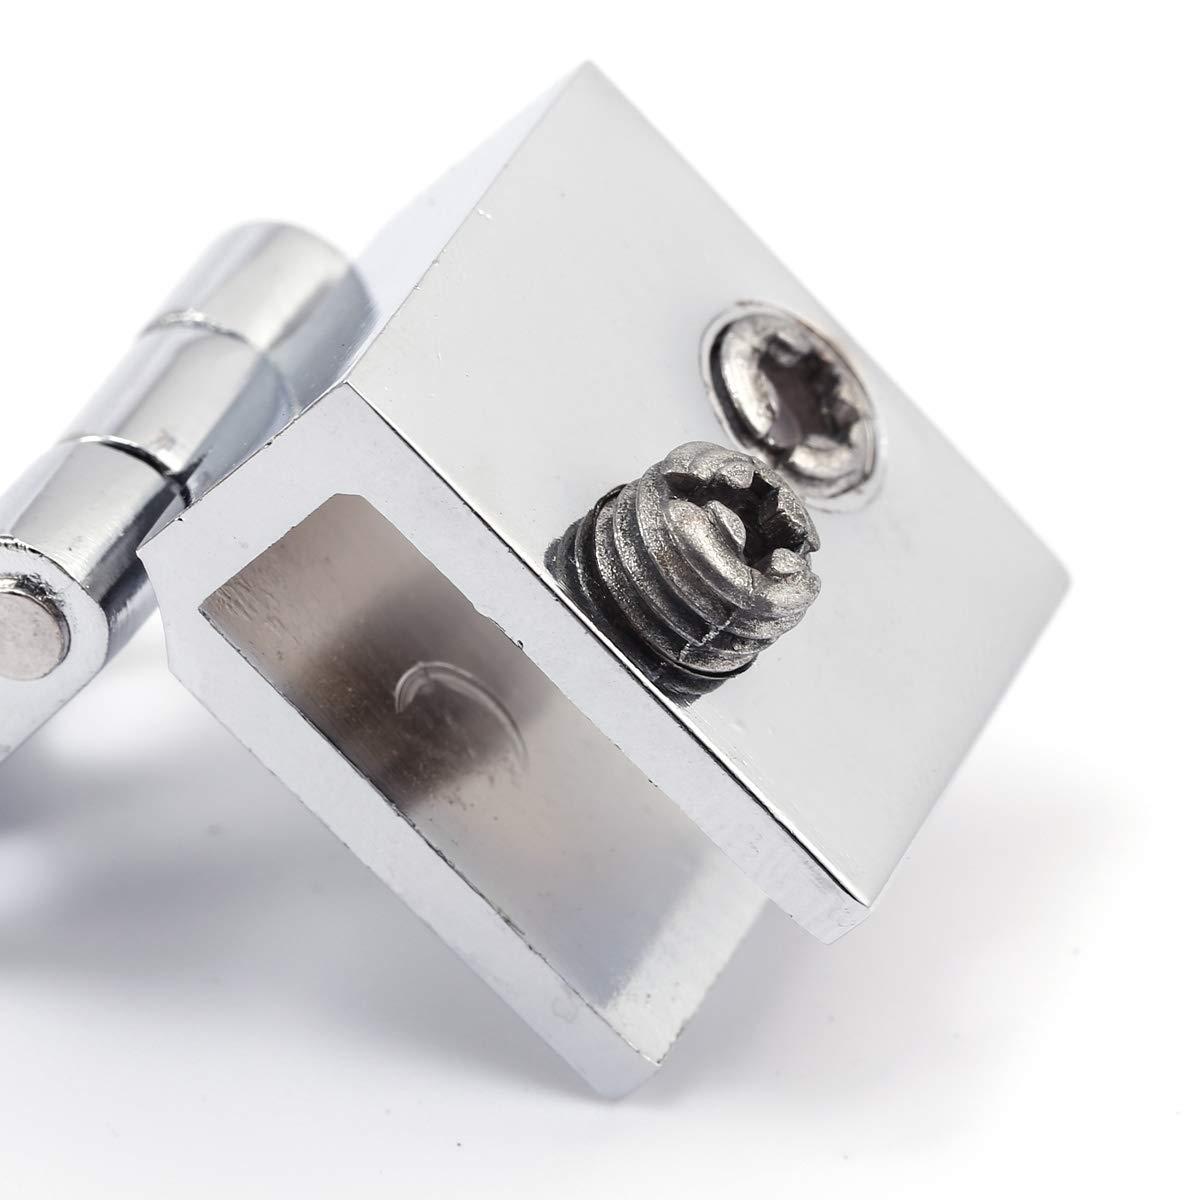 4 unidades, 5 mm-8 mm, rect/ángulo, ajustables Juego de bisagras para puerta de cristal SurePromise